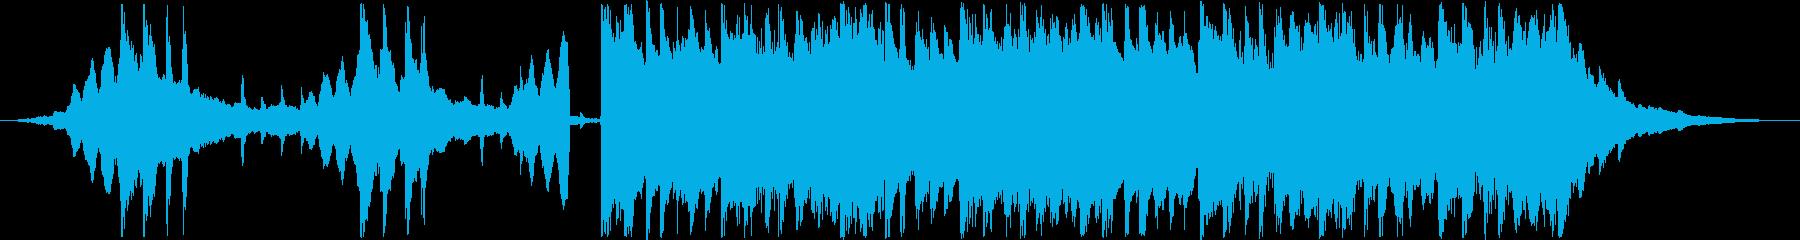 30秒CM用、エレクトロ、スタイリッシュの再生済みの波形